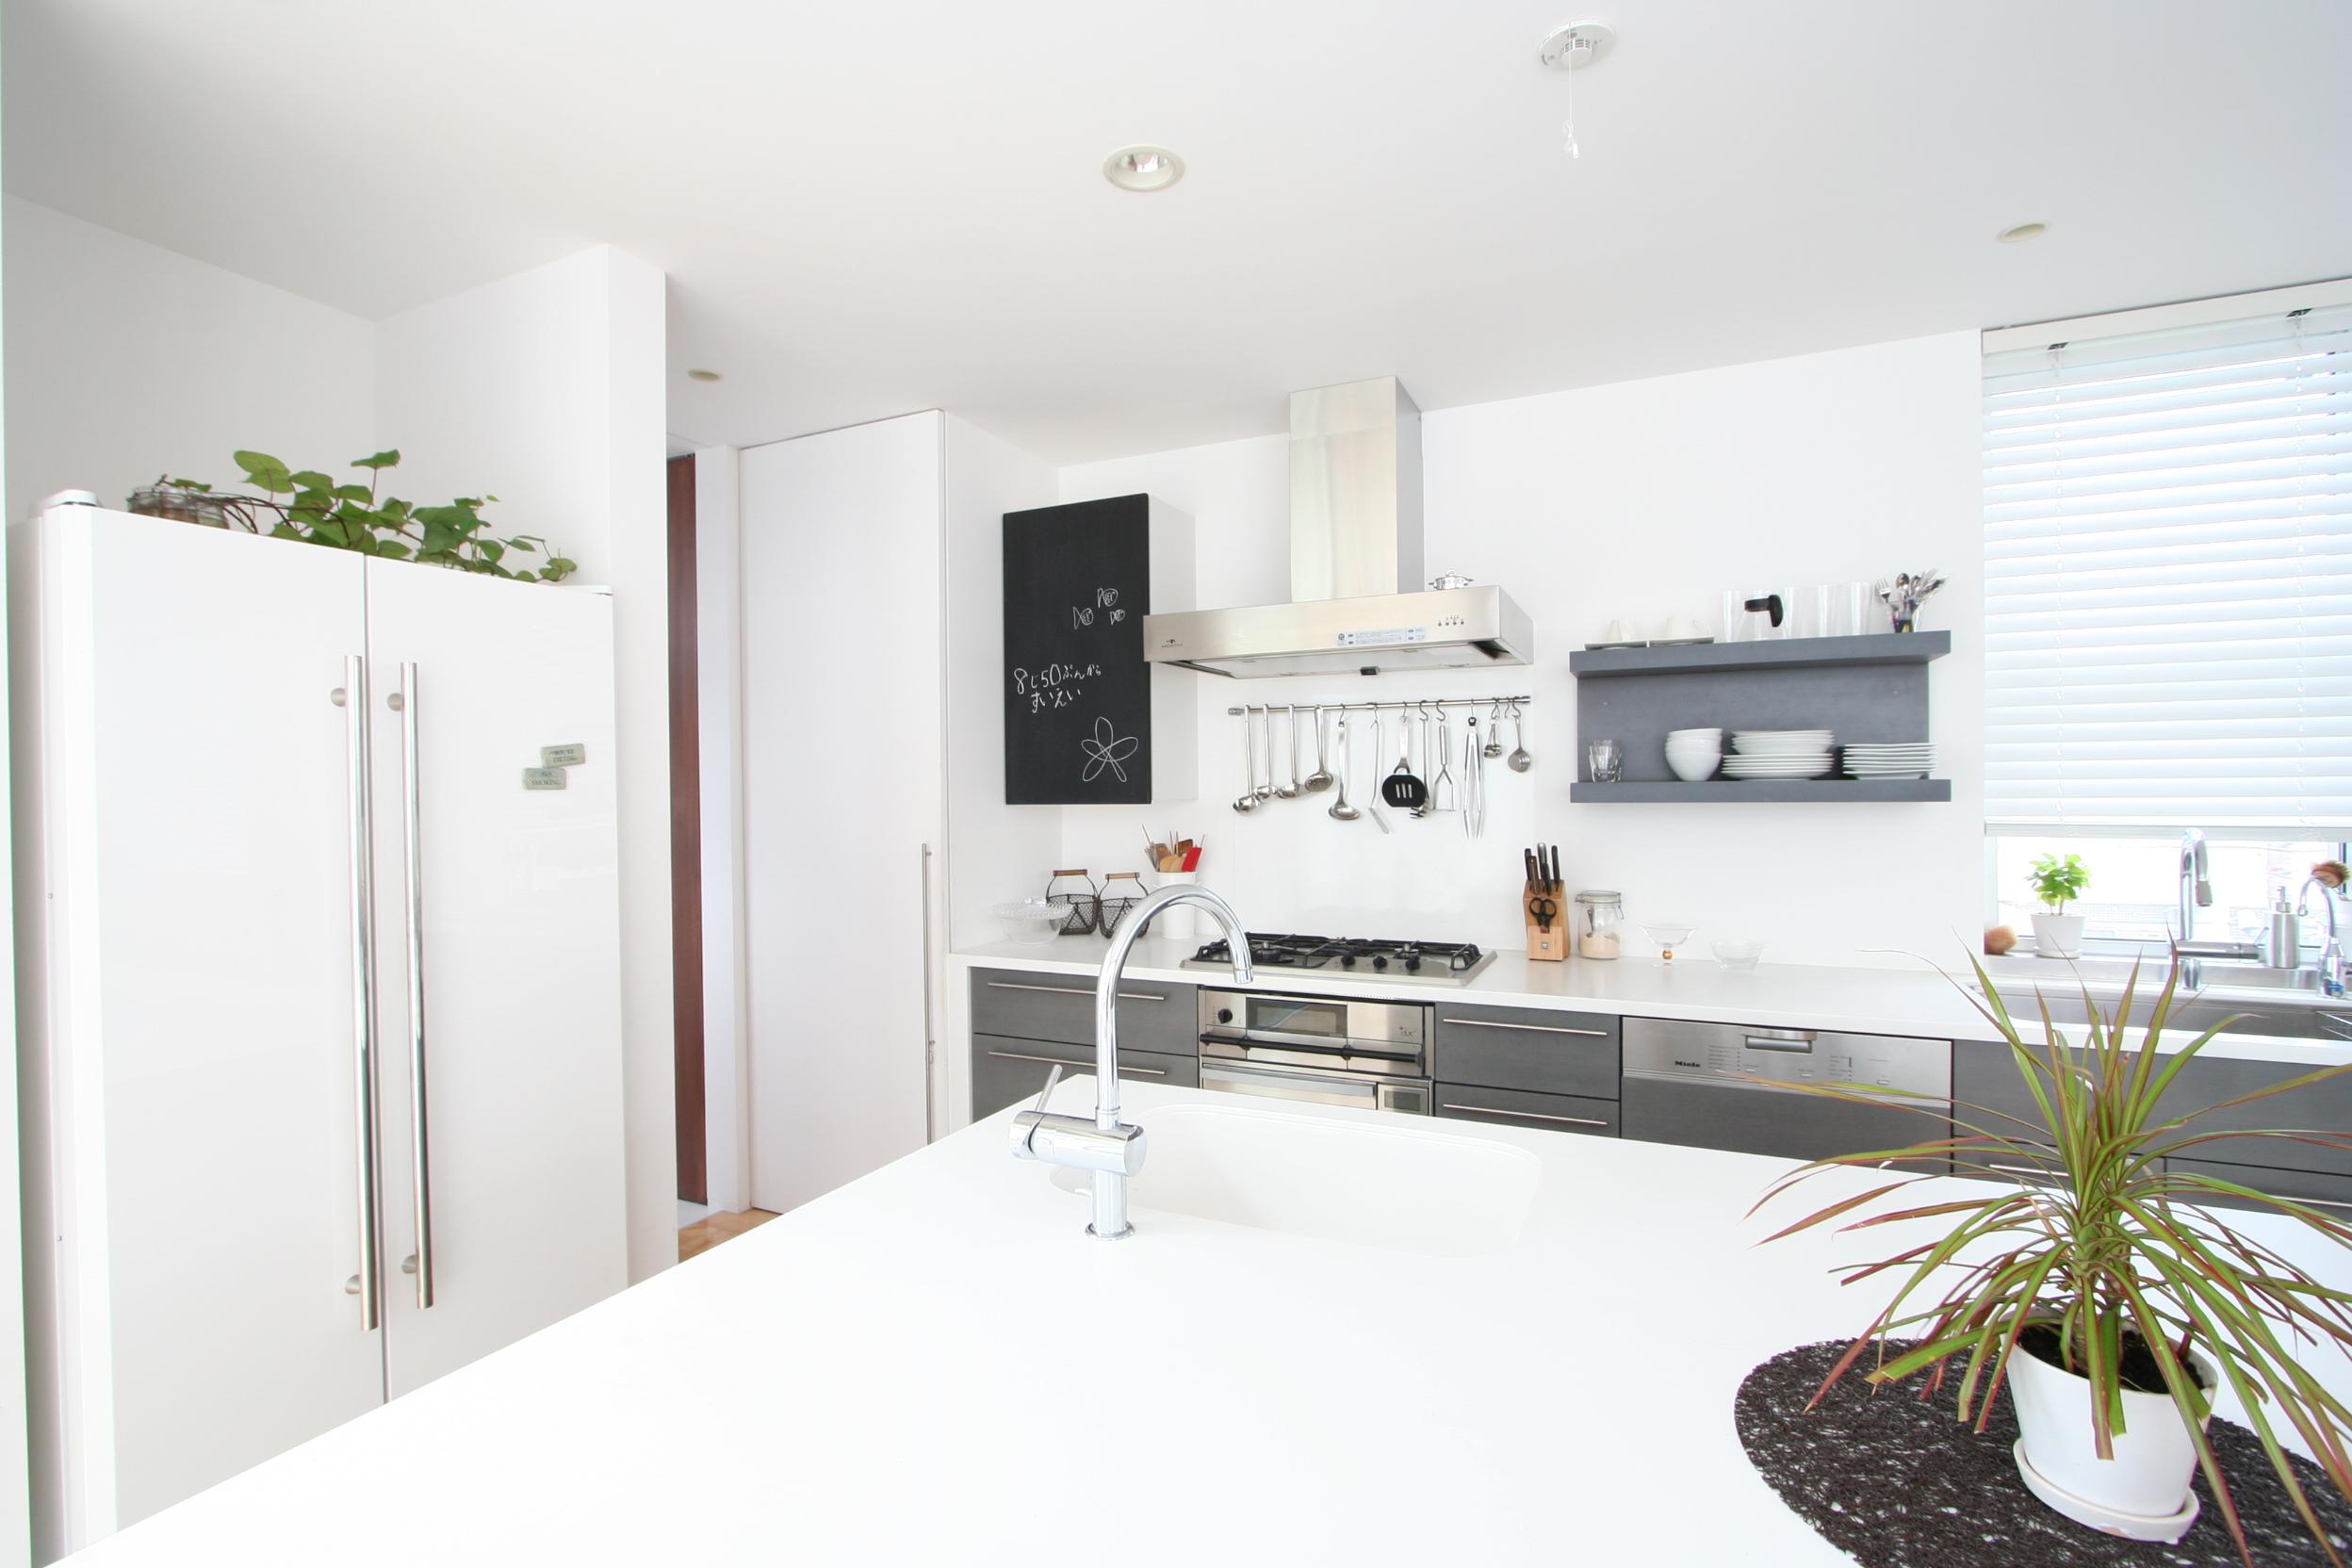 キッチン1 IMG_2947.JPG